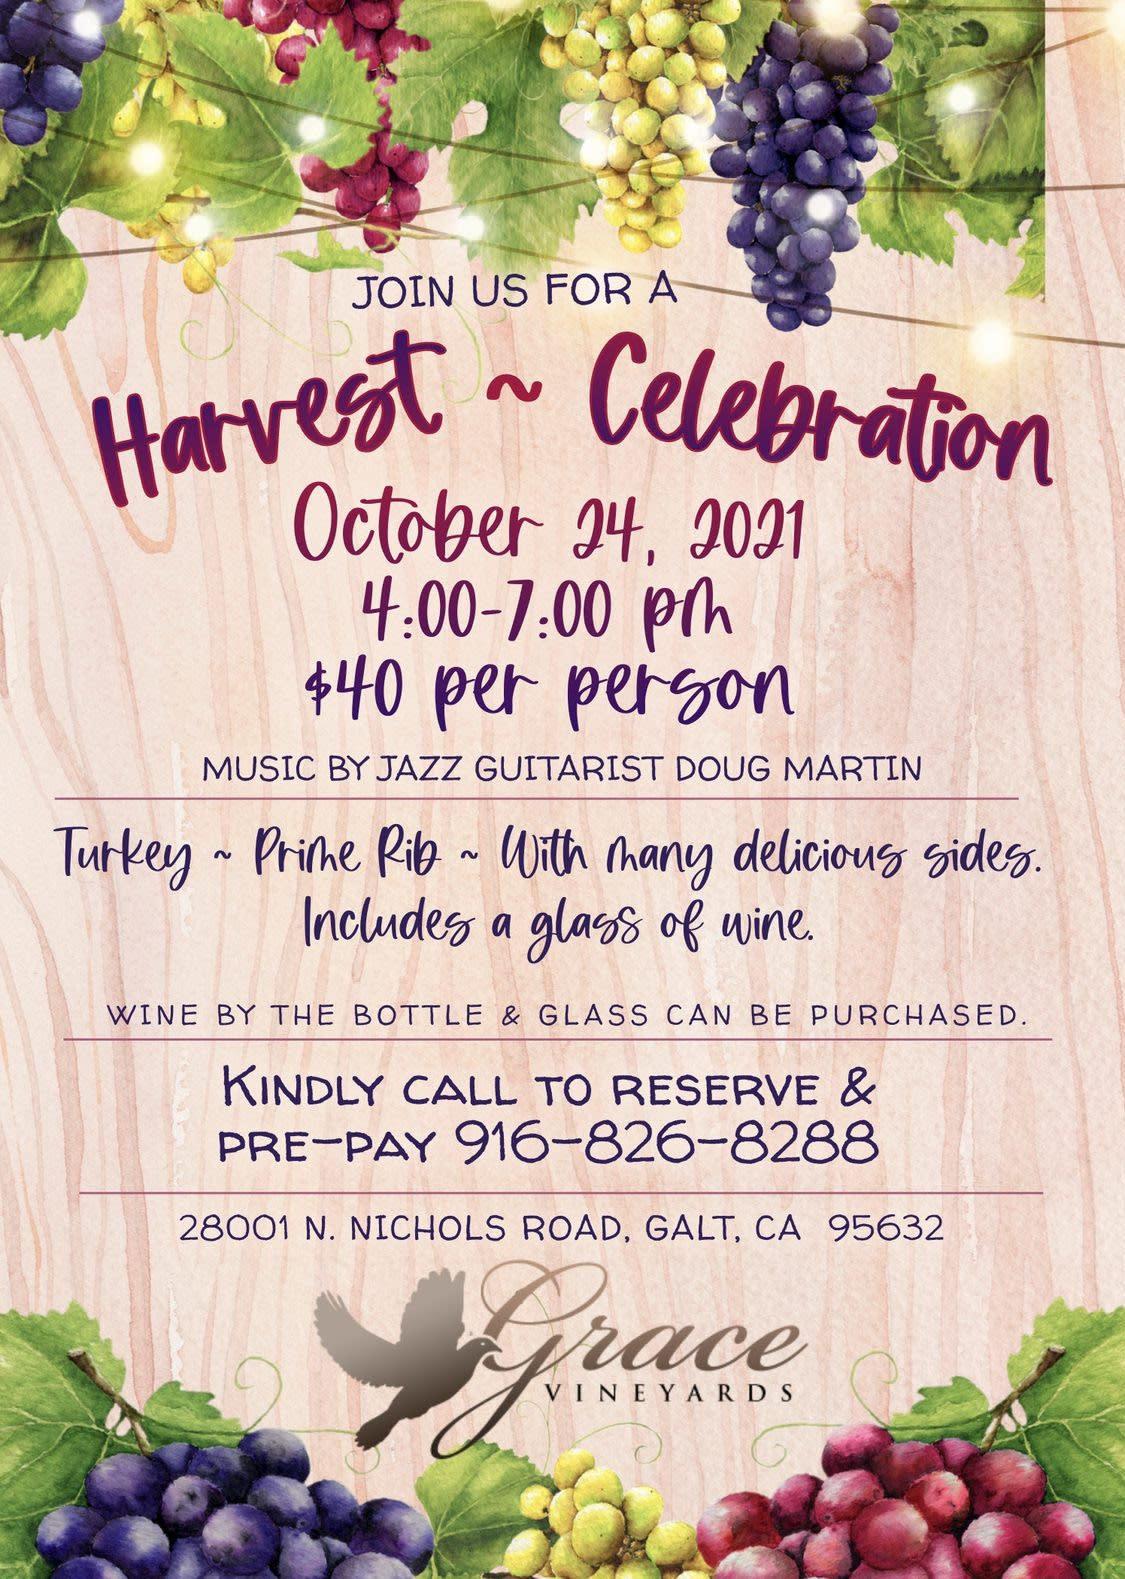 Harvest Celebration Vine & Dine flier, 10/24/2021, 4-7 pm, Turkey, Prime Rib, call to reserve & pre-pay (916) 826-8288.